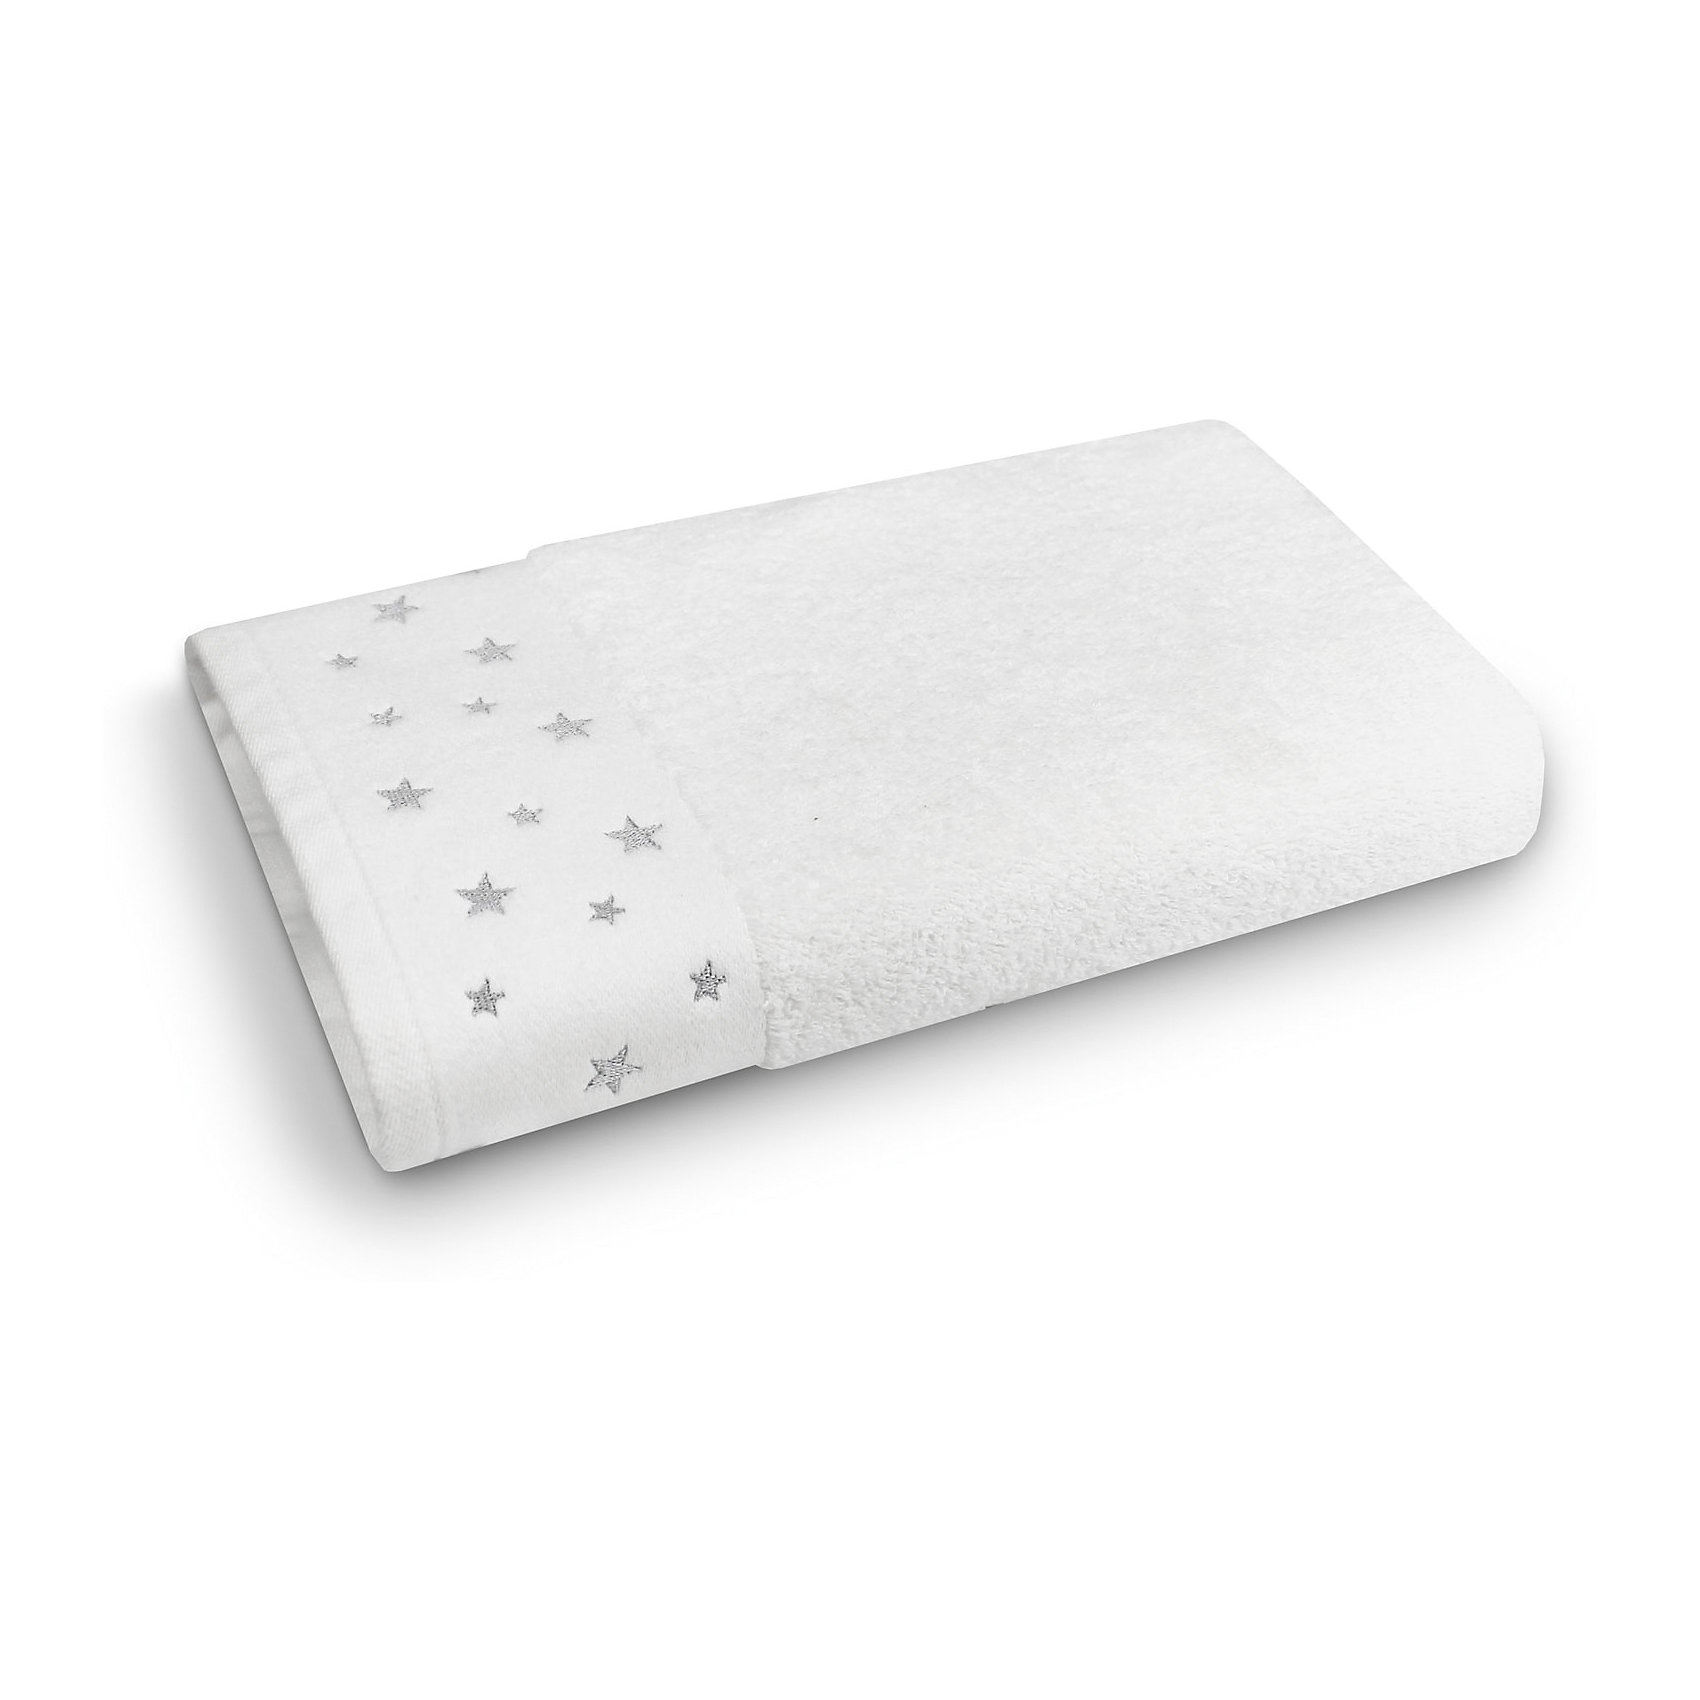 Полотенце махровое 70*140 Звездопад, Cozy Home, белыйВанная комната<br>Полотенце махровое 70*140 Звездопад, Cozy Home (Кози Хоум), белый<br><br>Характеристики:<br><br>• хорошо впитывает влагу<br>• изысканный дизайн<br>• материал: хлопок<br>• размер: 70х140 см<br>• цвет: белый<br><br>Банное полотенце Звездопад от Cozy Home понравится всем. Края полотенца украшены блестящими звездочками, которые особенно приглянутся детям. Само полотенце изготовлено из мягкого хлопка. Хлопок не вызовет раздражения на нежной и чувствительной коже, быстро впитает большое количество влаги и быстро высохнет. Что немаловажно, полотенце сохраняет свой цвет и размер даже после многочисленных стирок при температуре 40°С. Полотенце станет прекрасным подарком!<br><br>Полотенце махровое 70*140 Звездопад, Cozy Home (Кози Хоум), белый вы можете купить в нашем интернет-магазине.<br><br>Ширина мм: 150<br>Глубина мм: 350<br>Высота мм: 150<br>Вес г: 350<br>Возраст от месяцев: 0<br>Возраст до месяцев: 216<br>Пол: Унисекс<br>Возраст: Детский<br>SKU: 5355330